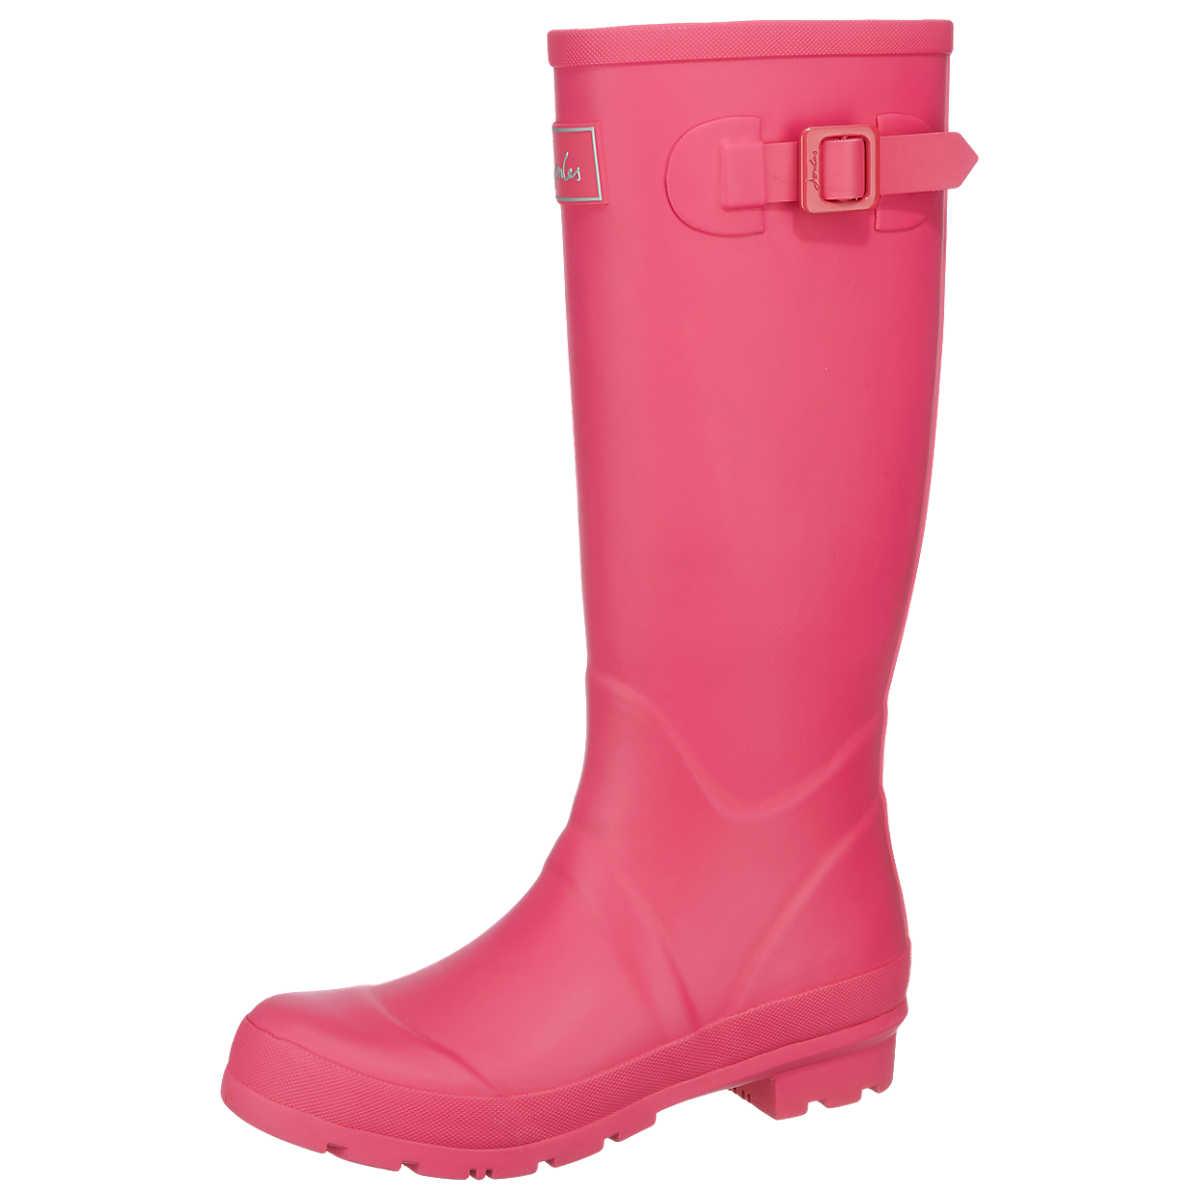 Tom Joule Fieldwelly Gummistiefel pink - Tom Joule - Stiefel - Schuhe - mirapodo.de